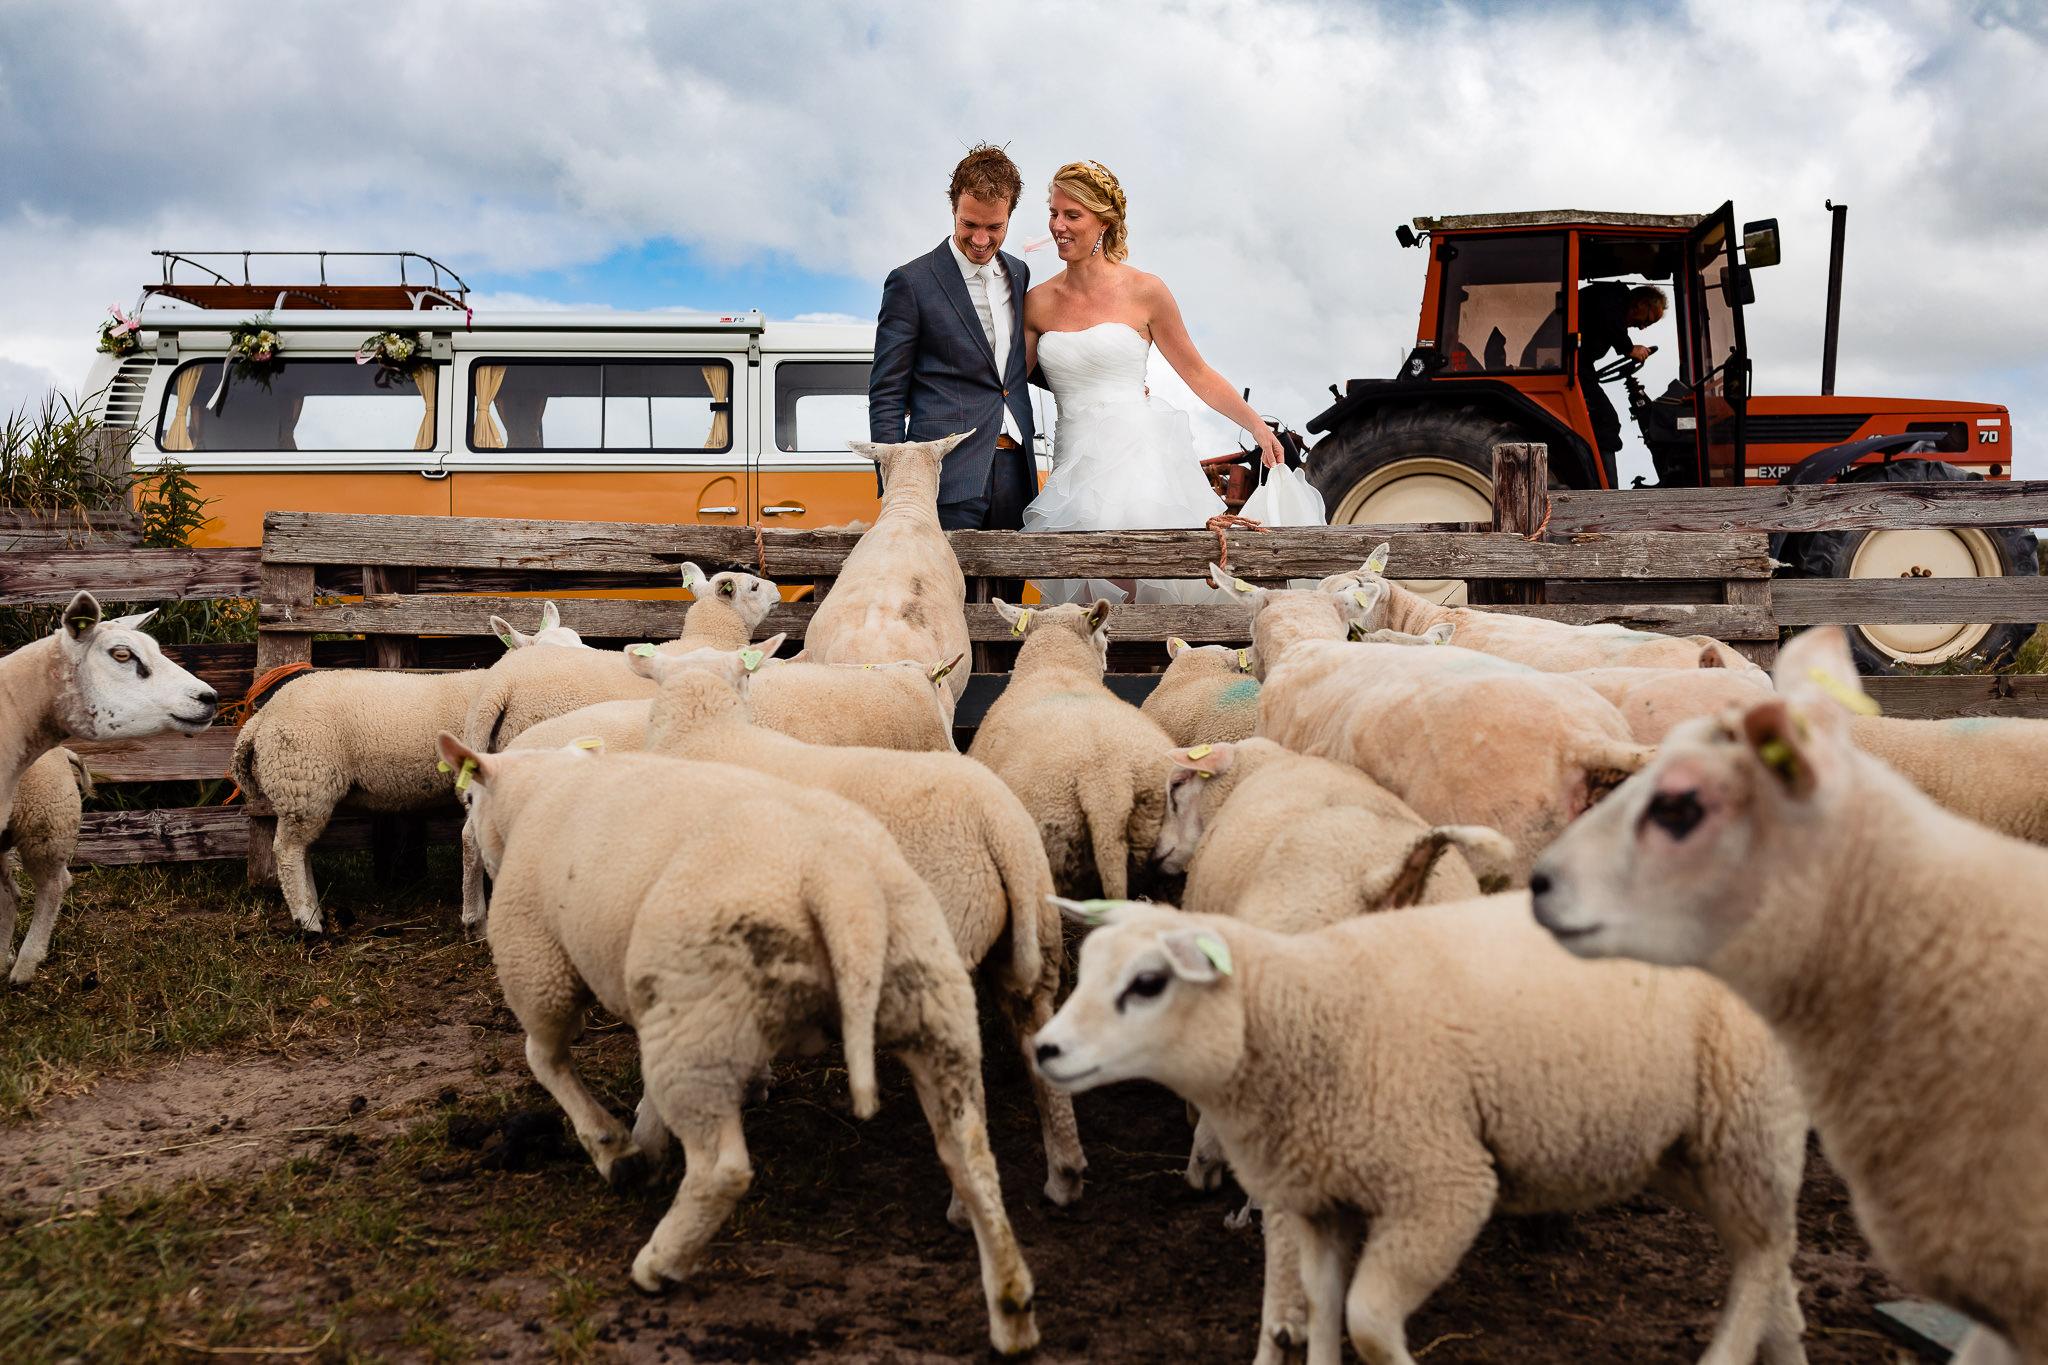 Bruidspaar probeert tussen de schapen door te lopen